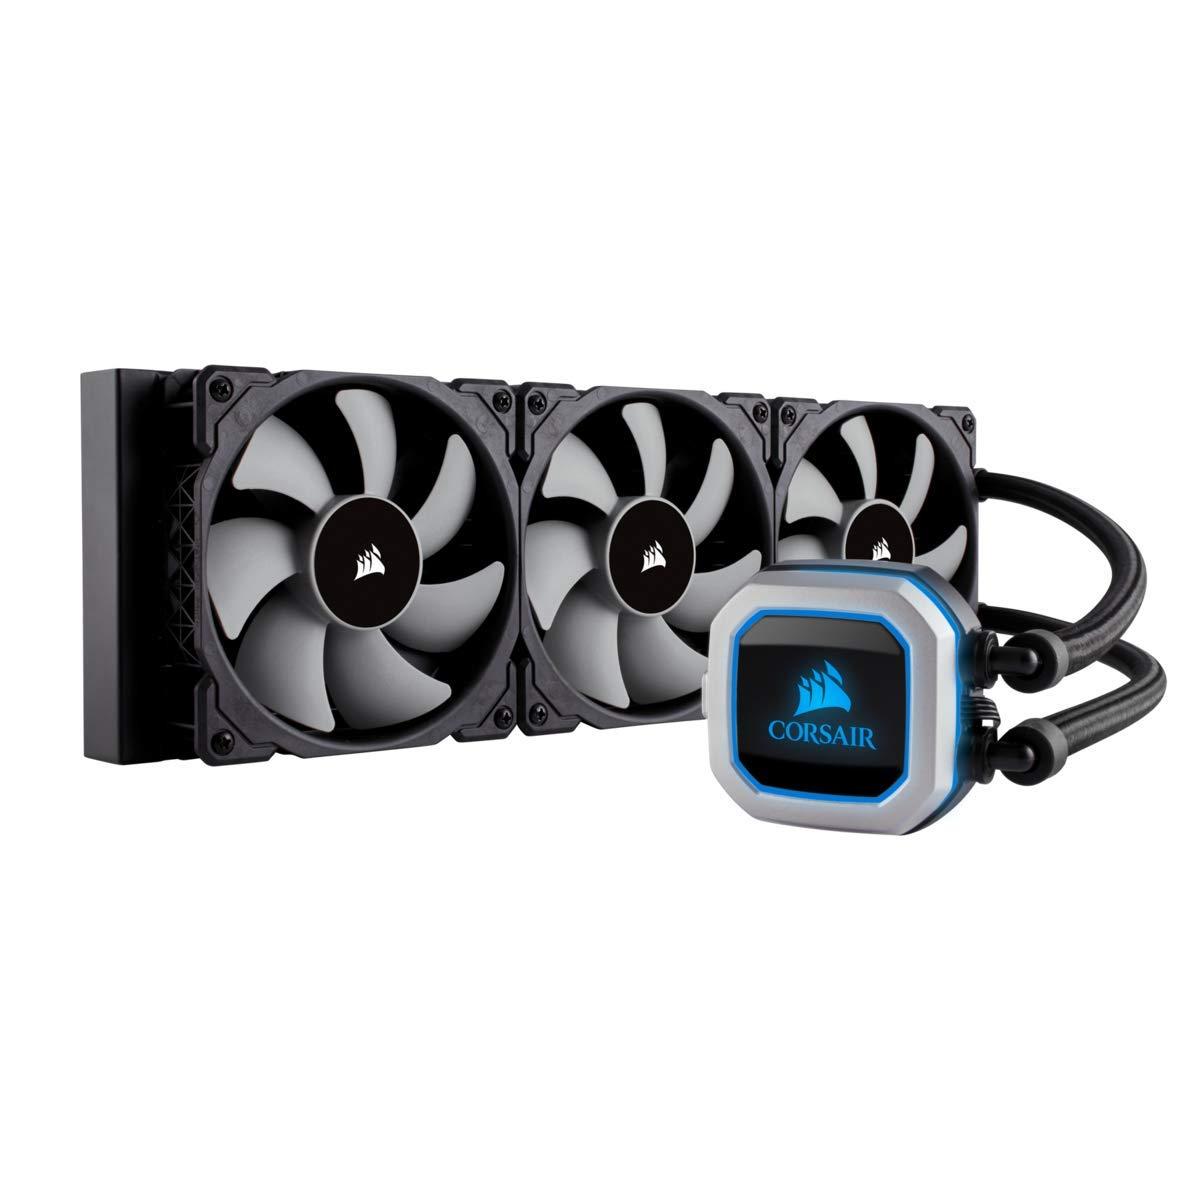 Corsair Hydro Series H150i PRO RGB AIO Liquid CPU Cooler,360mm,Triple ML120 PWM Fans, Intel 115x/2066, AMD AM4 by Corsair